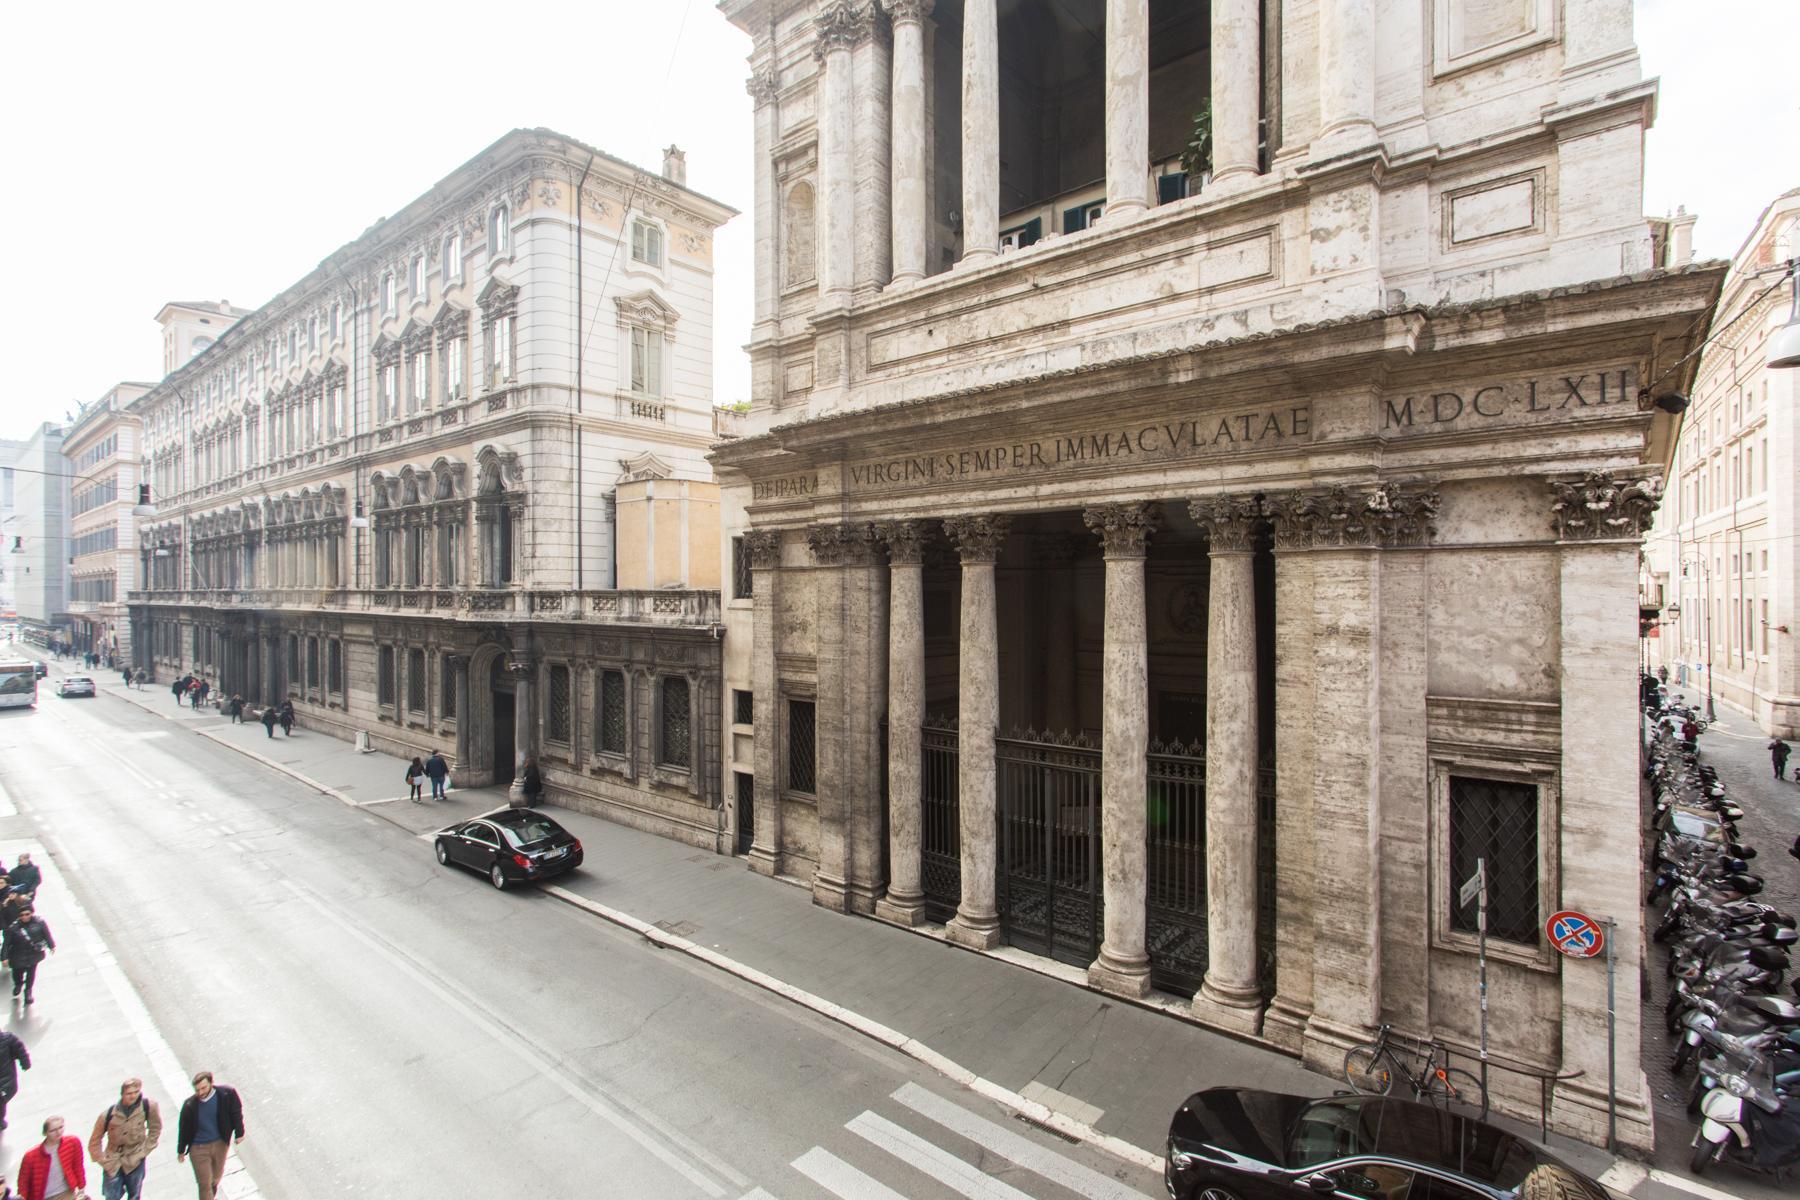 街道的优雅办公室 罗马, Del Corso街道 - 2